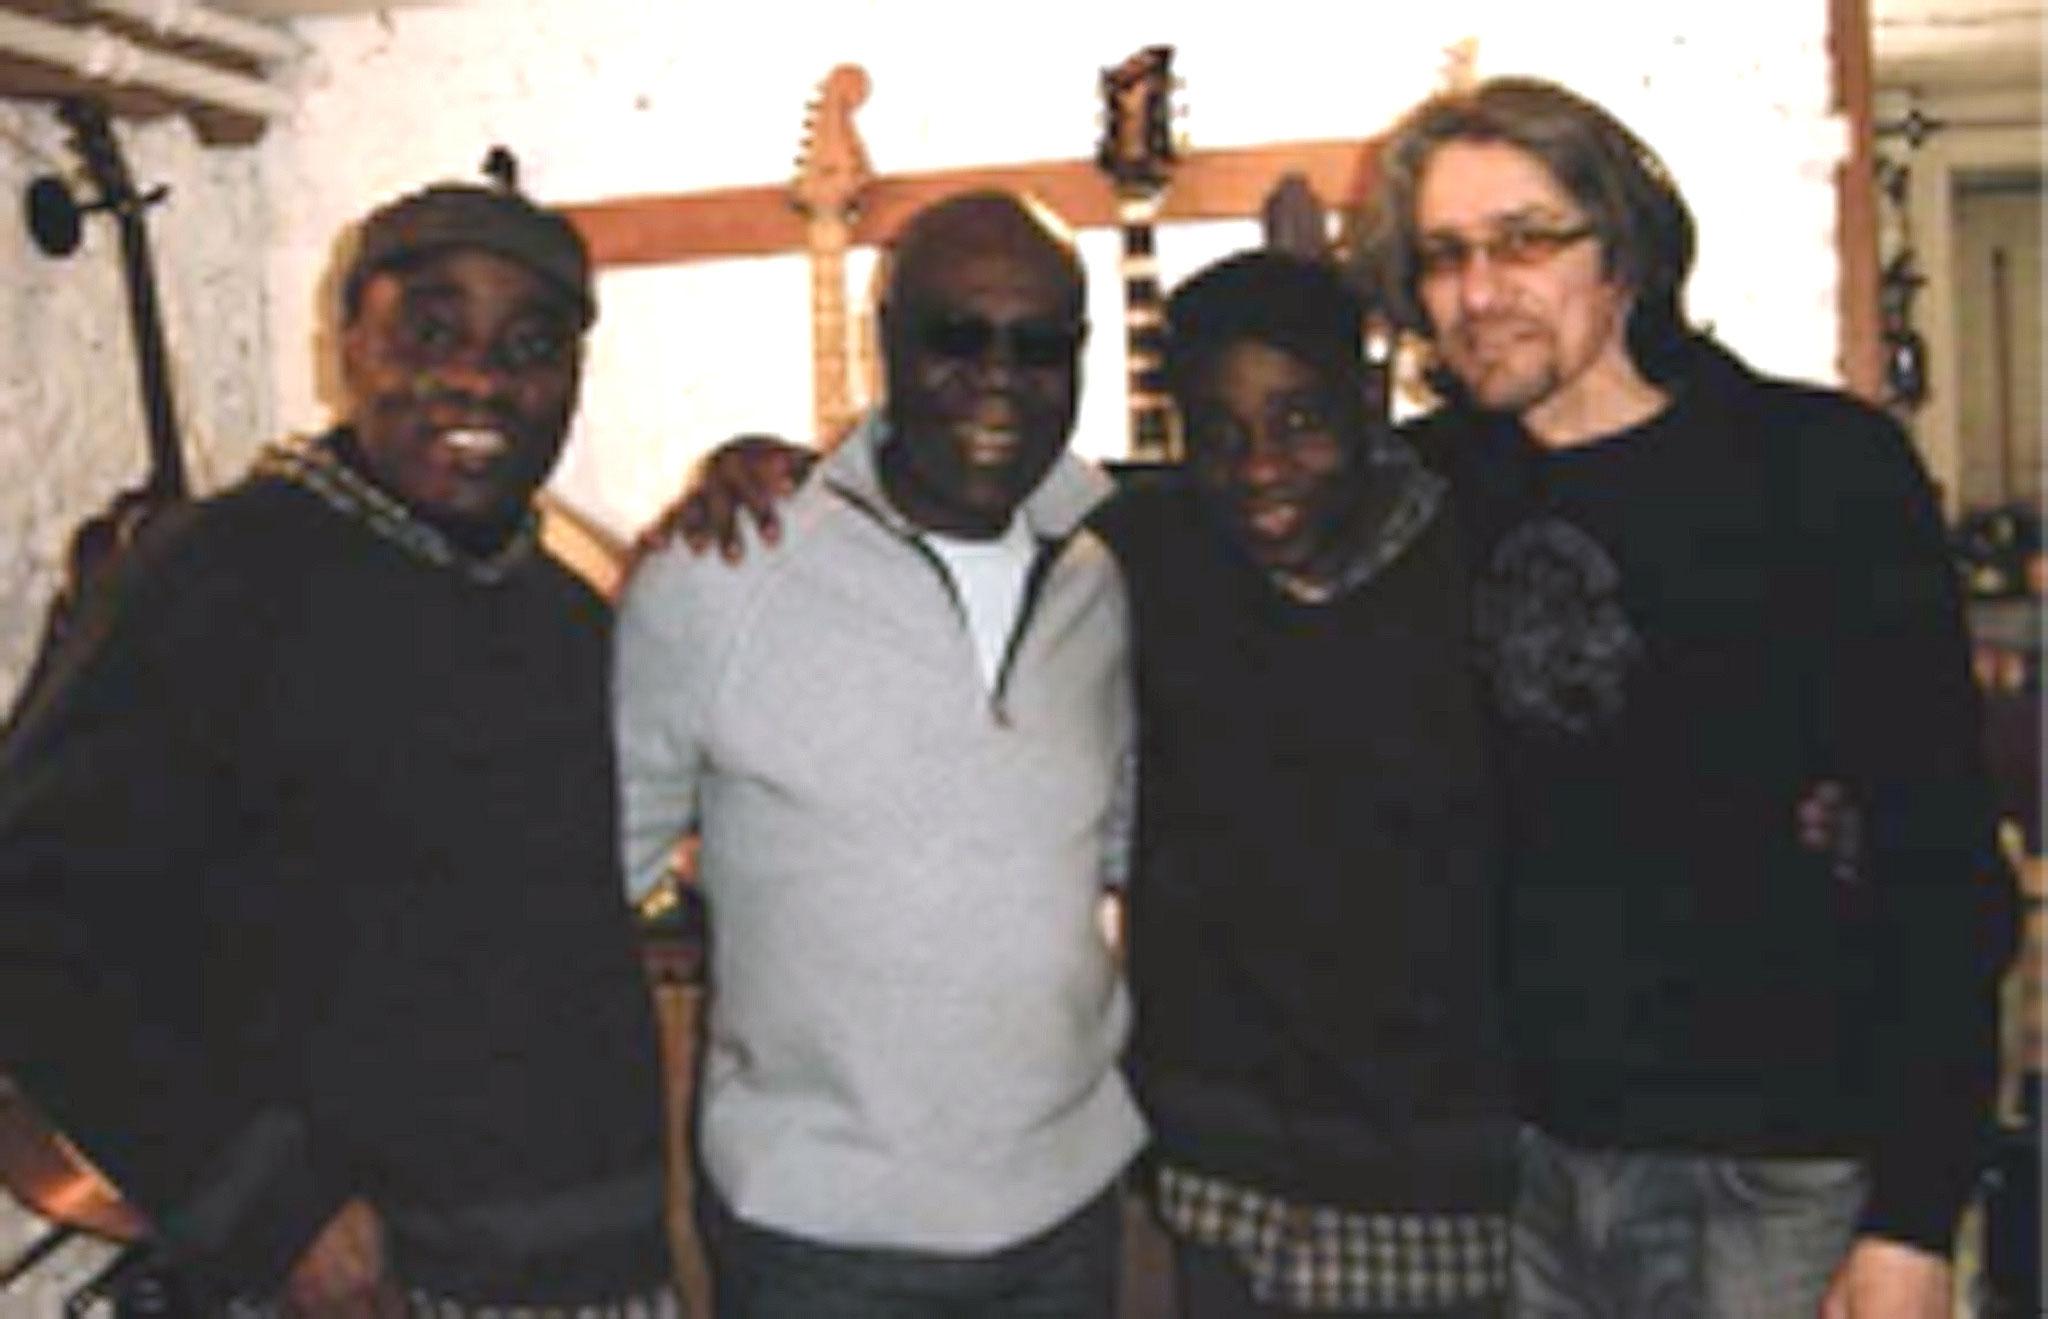 Les Jumeaux de MASAO (Masao Masu) in studio with Manu Dibango and guitarist arranger Phil Robert